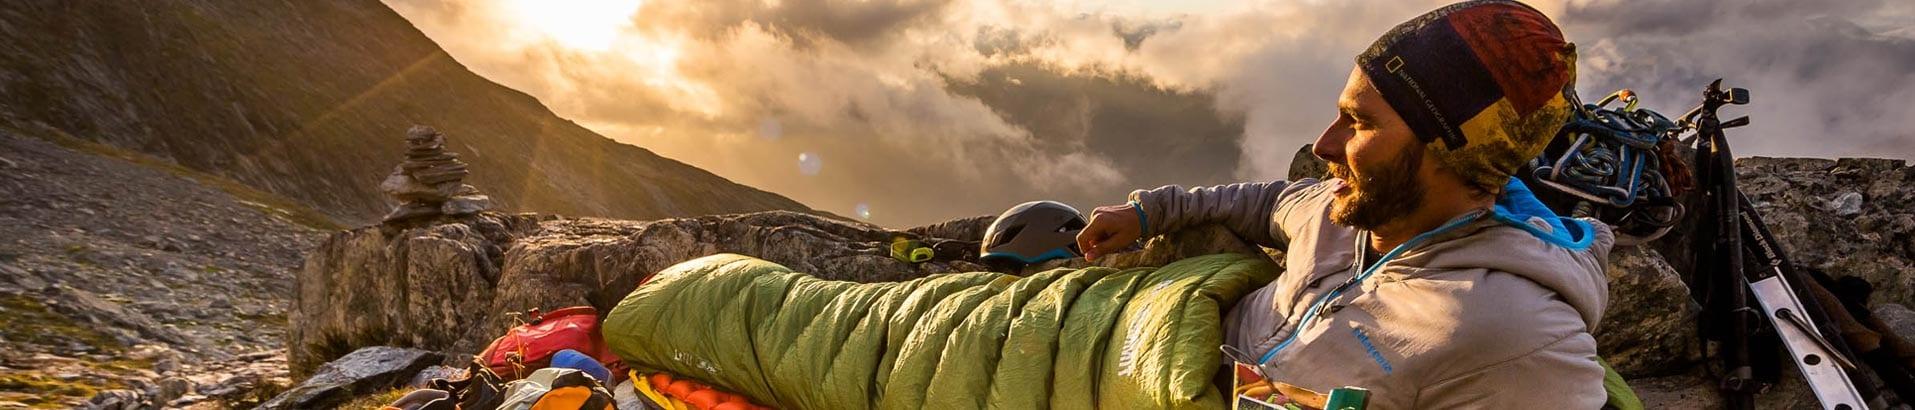 Пух или синтетика, мы поможем выбрать правильный спальник для вашего похода в горы